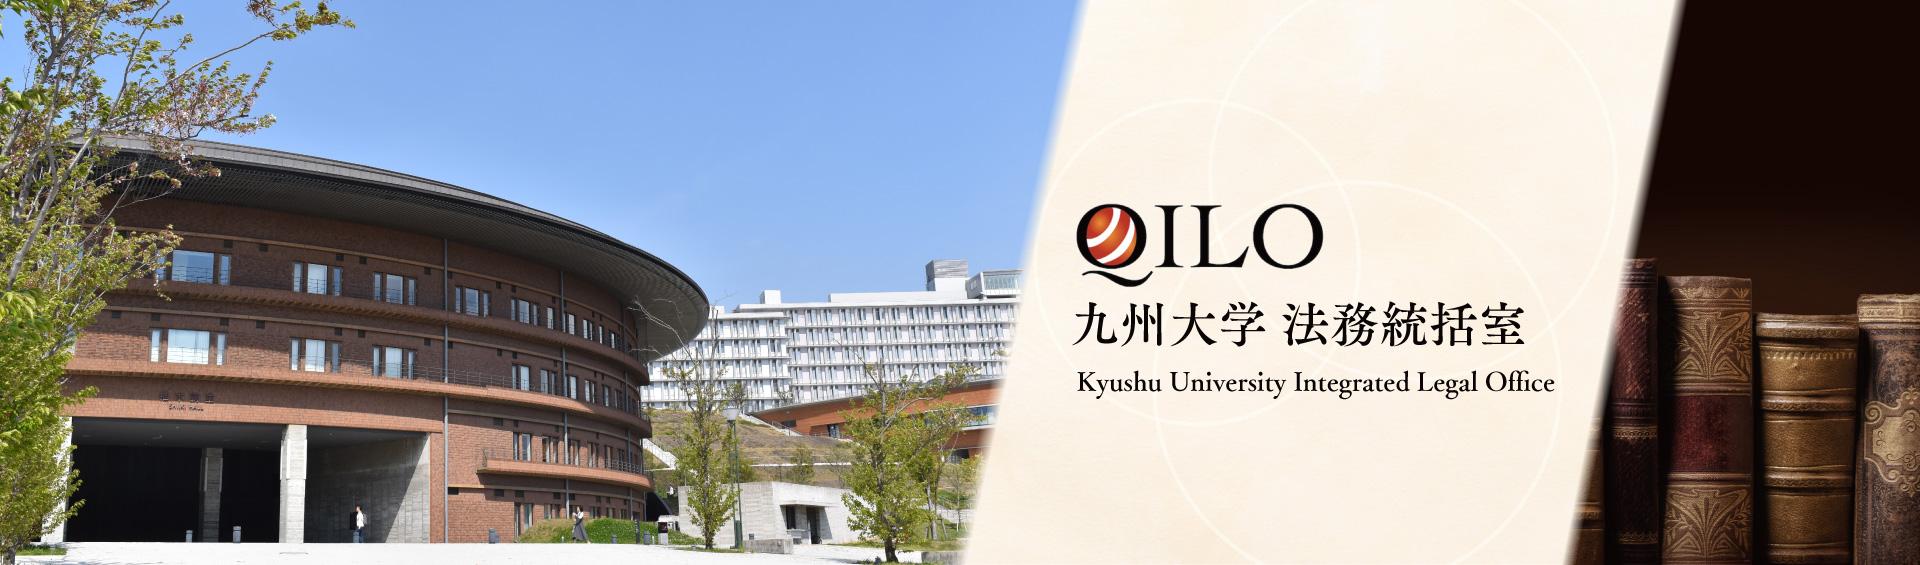 九州大学 国際法務室